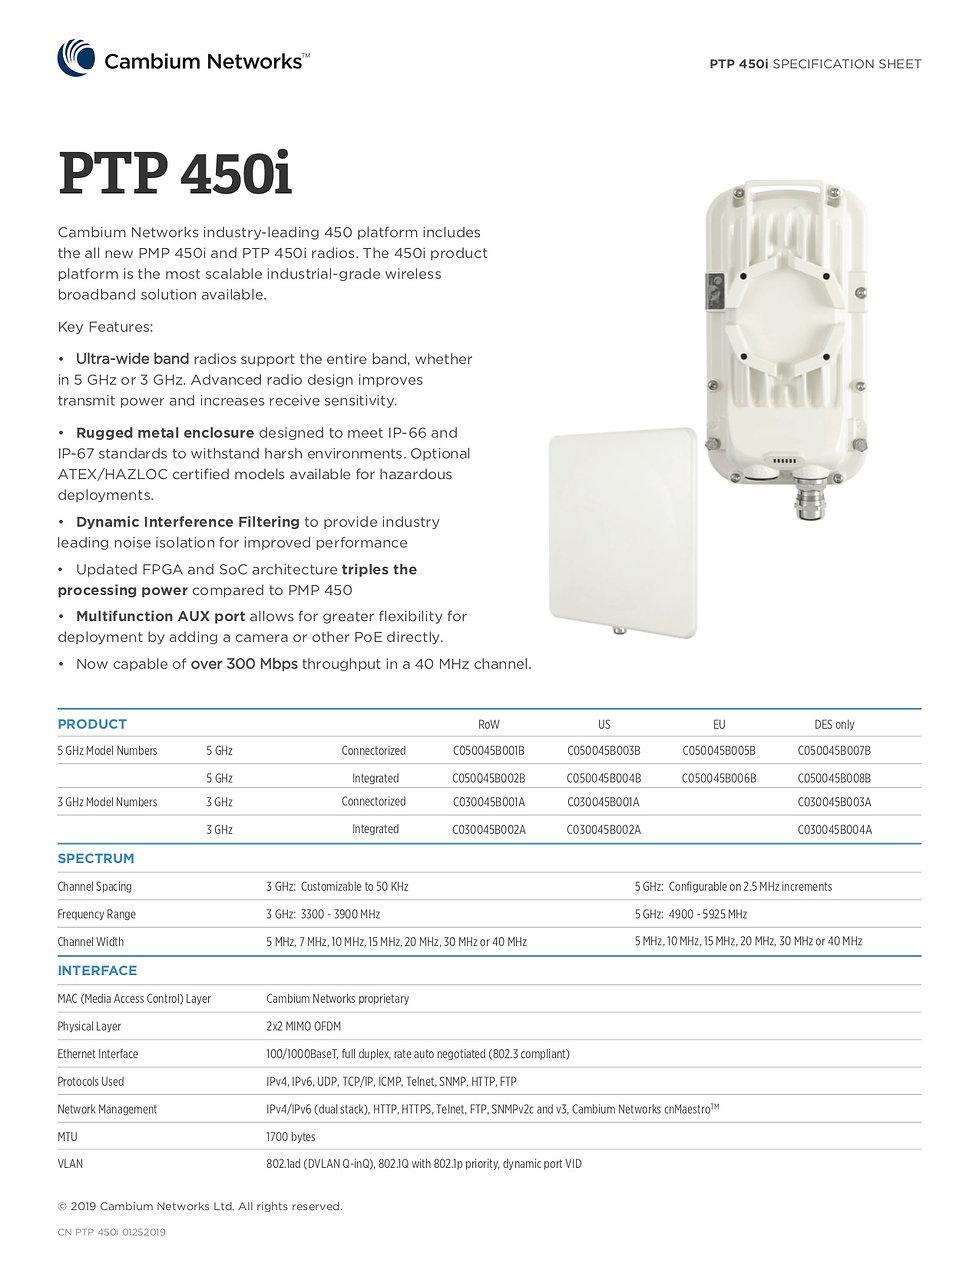 Cambium PTP 450i Specification